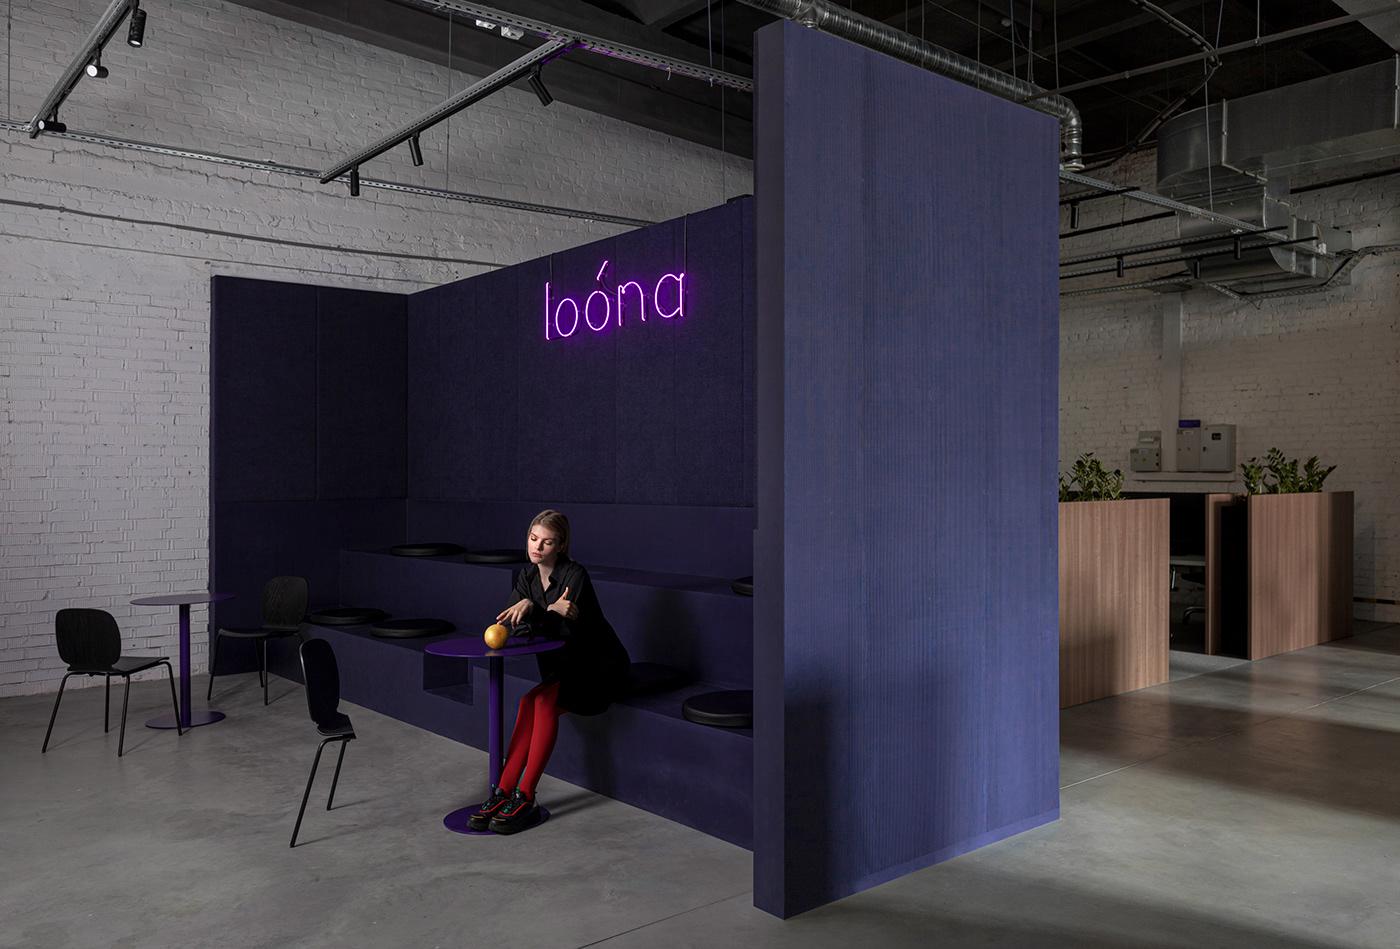 architecture design Interior interior design  loona Office Office Design Office interior